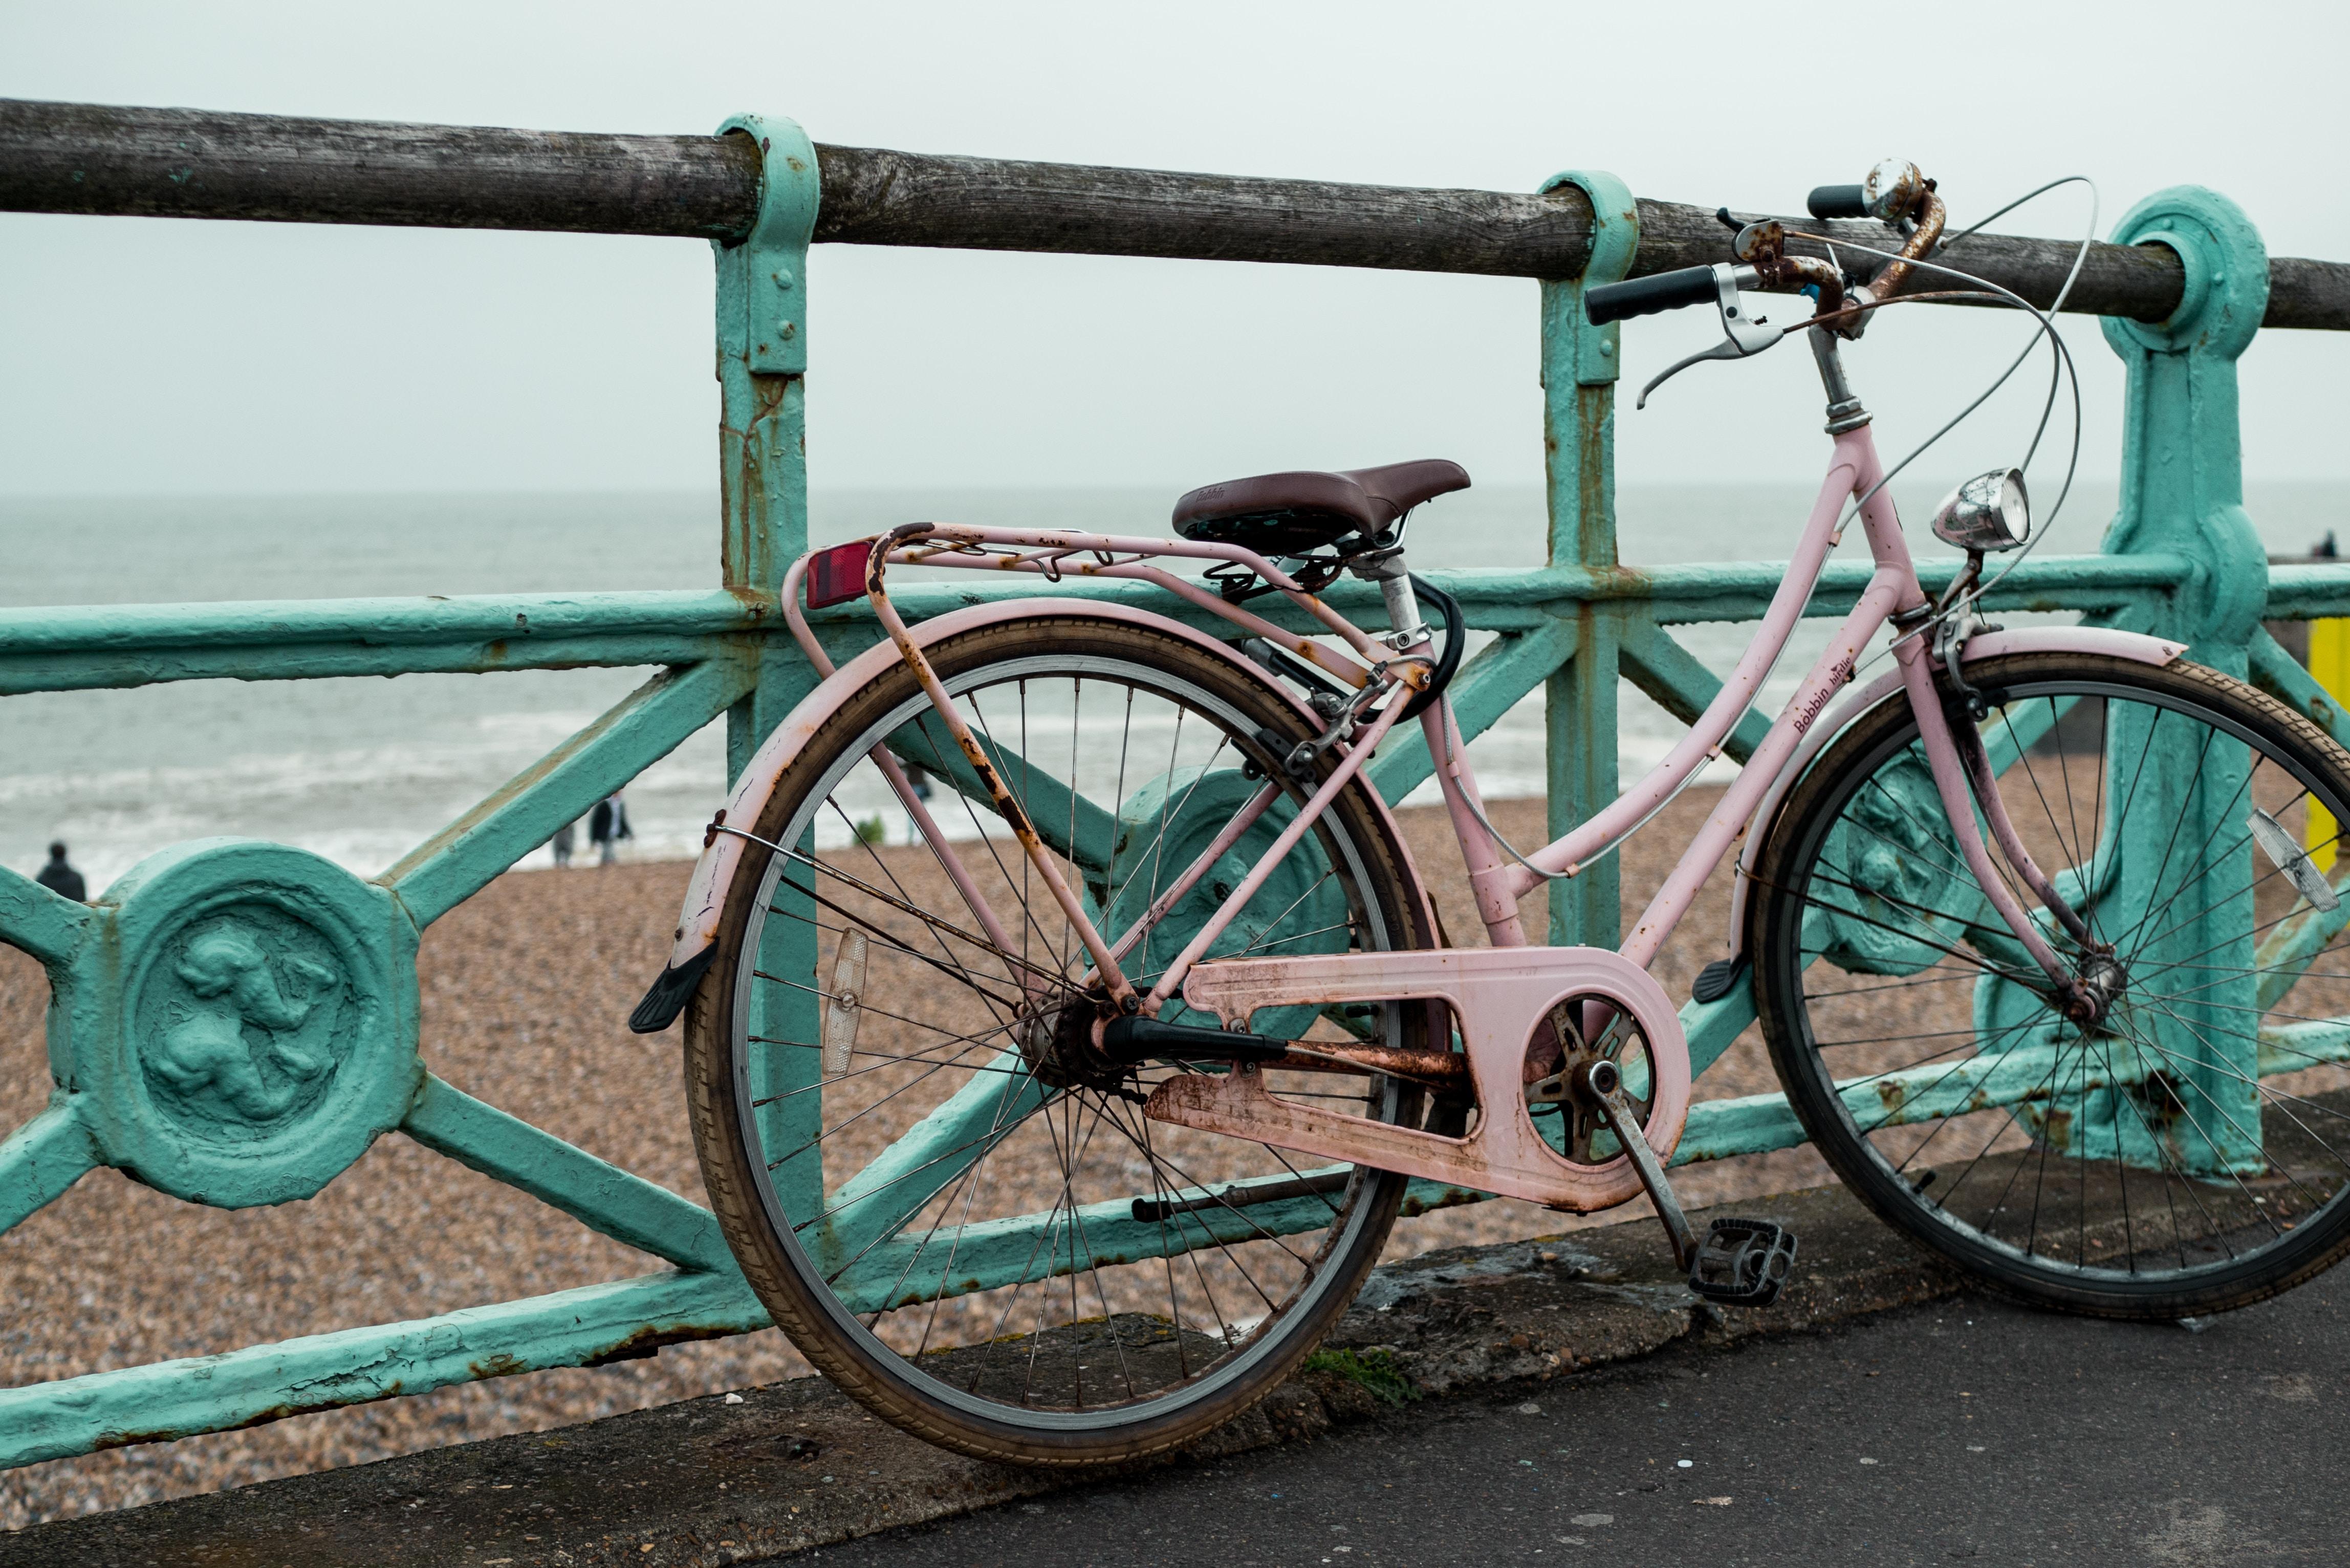 white cruiser bike near railings